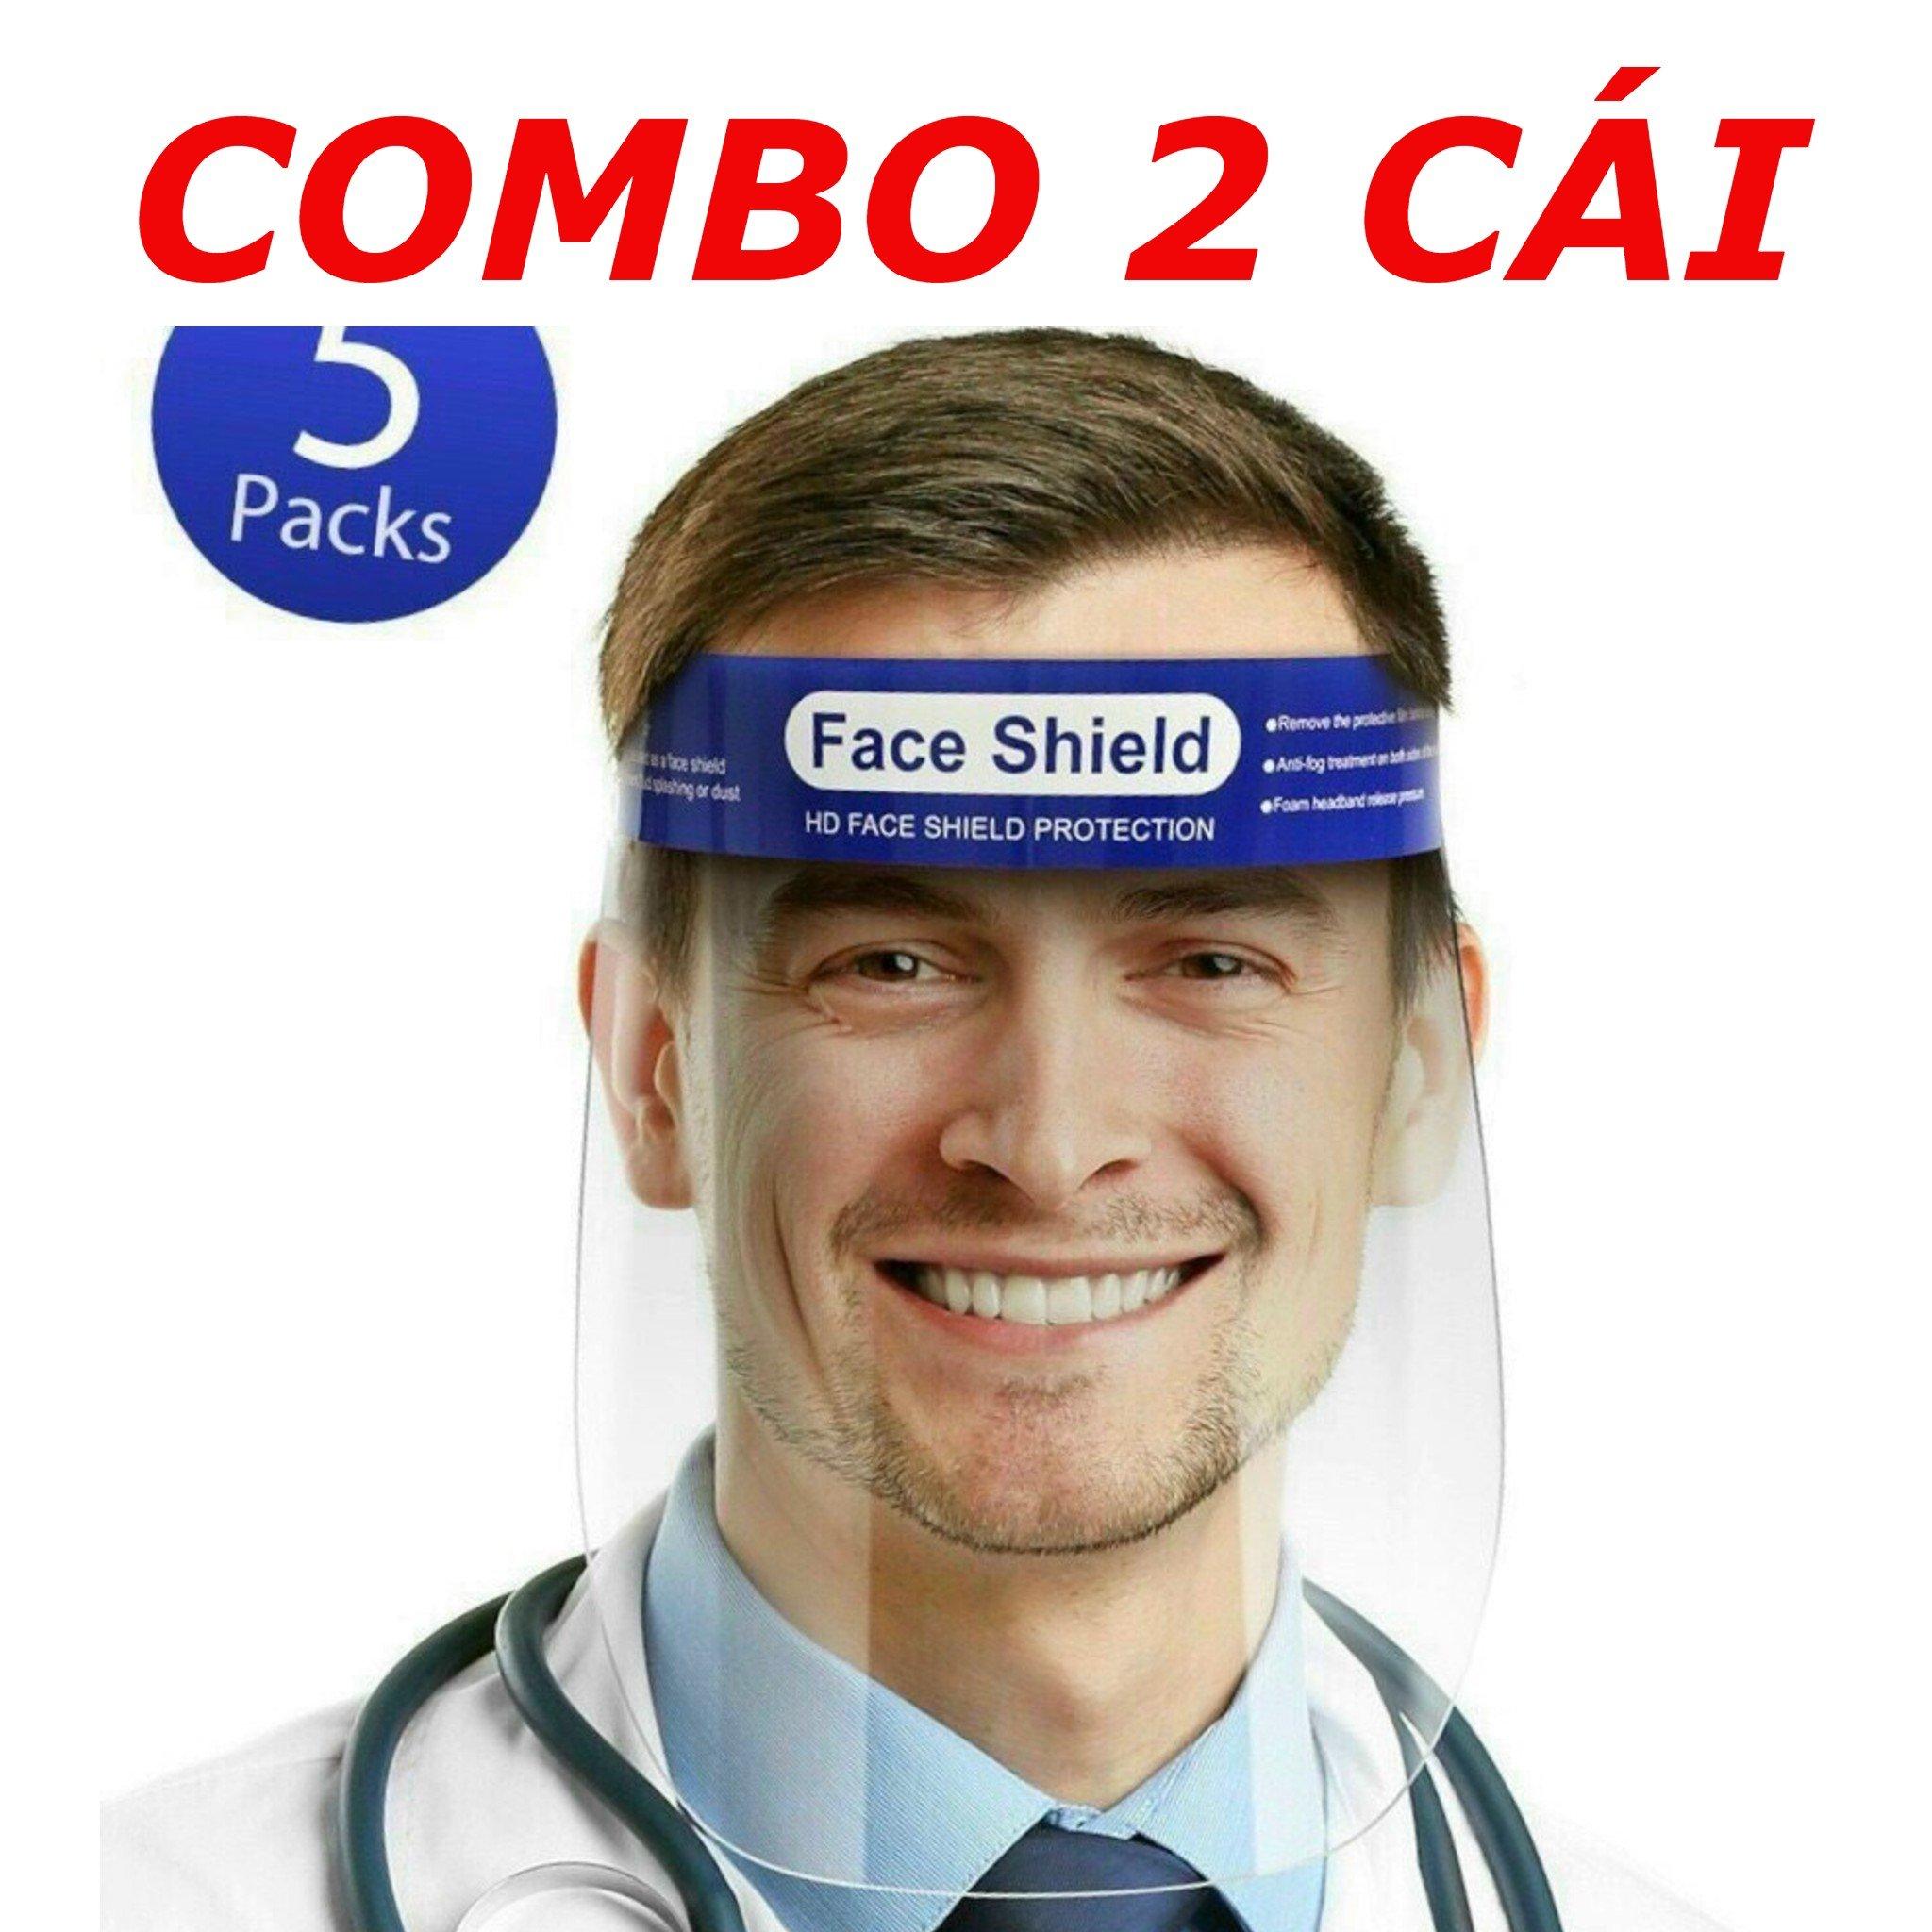 COMBO 2 CÁI - Tấm Chắn Giọt Bắn - Kính Che Mặt Phòng Dịch